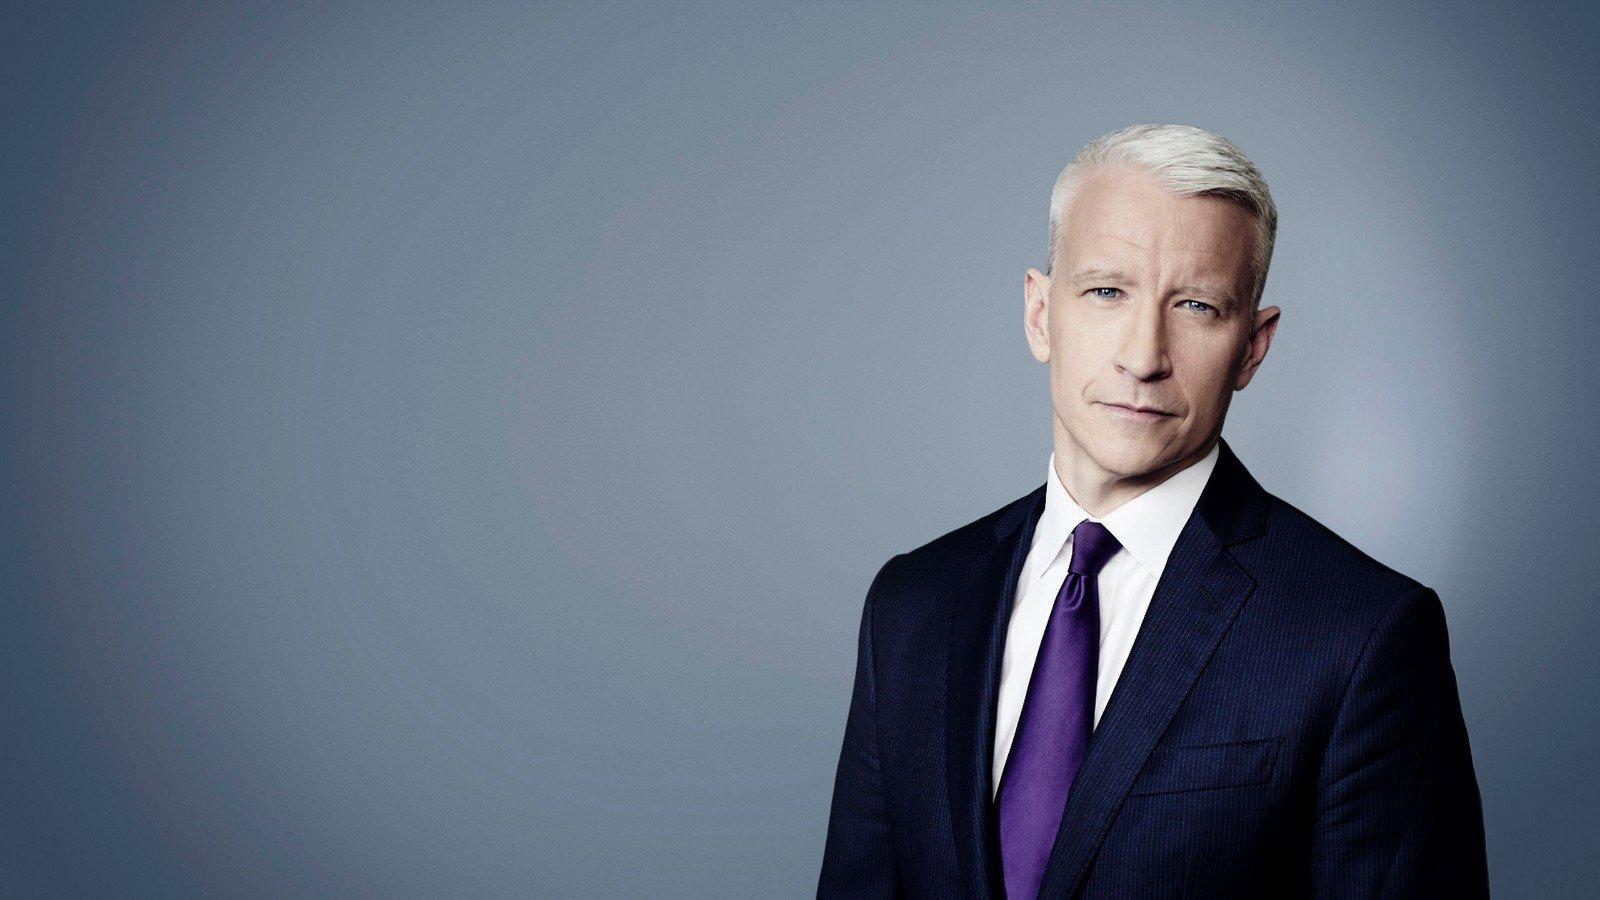 CNN Profiles - Anderson Cooper - CNN anchor - CNN